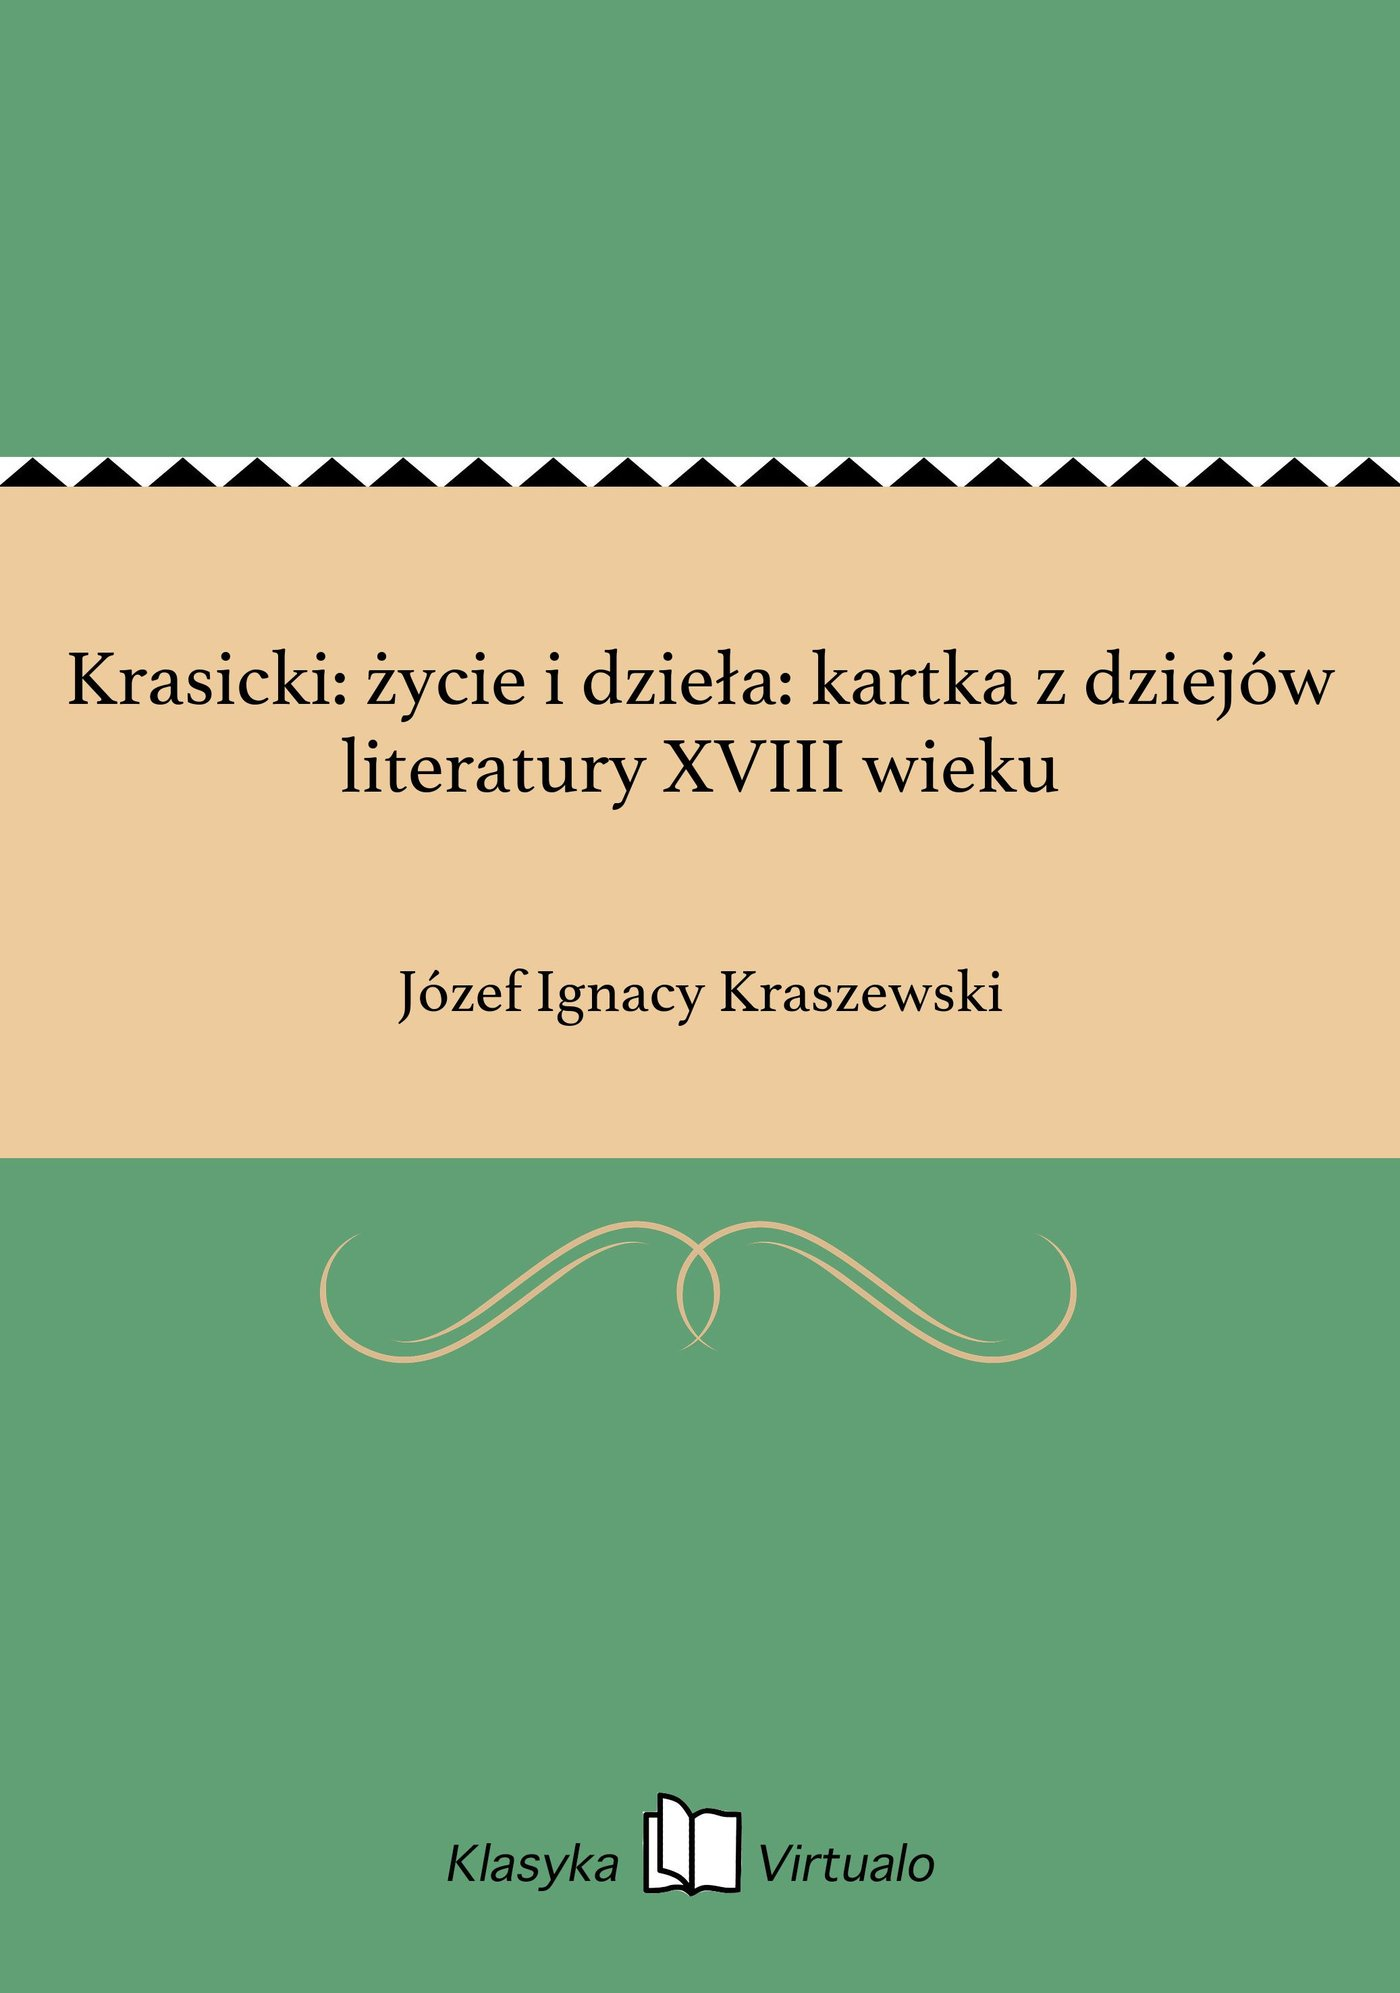 Krasicki: życie i dzieła: kartka z dziejów literatury XVIII wieku - Ebook (Książka EPUB) do pobrania w formacie EPUB